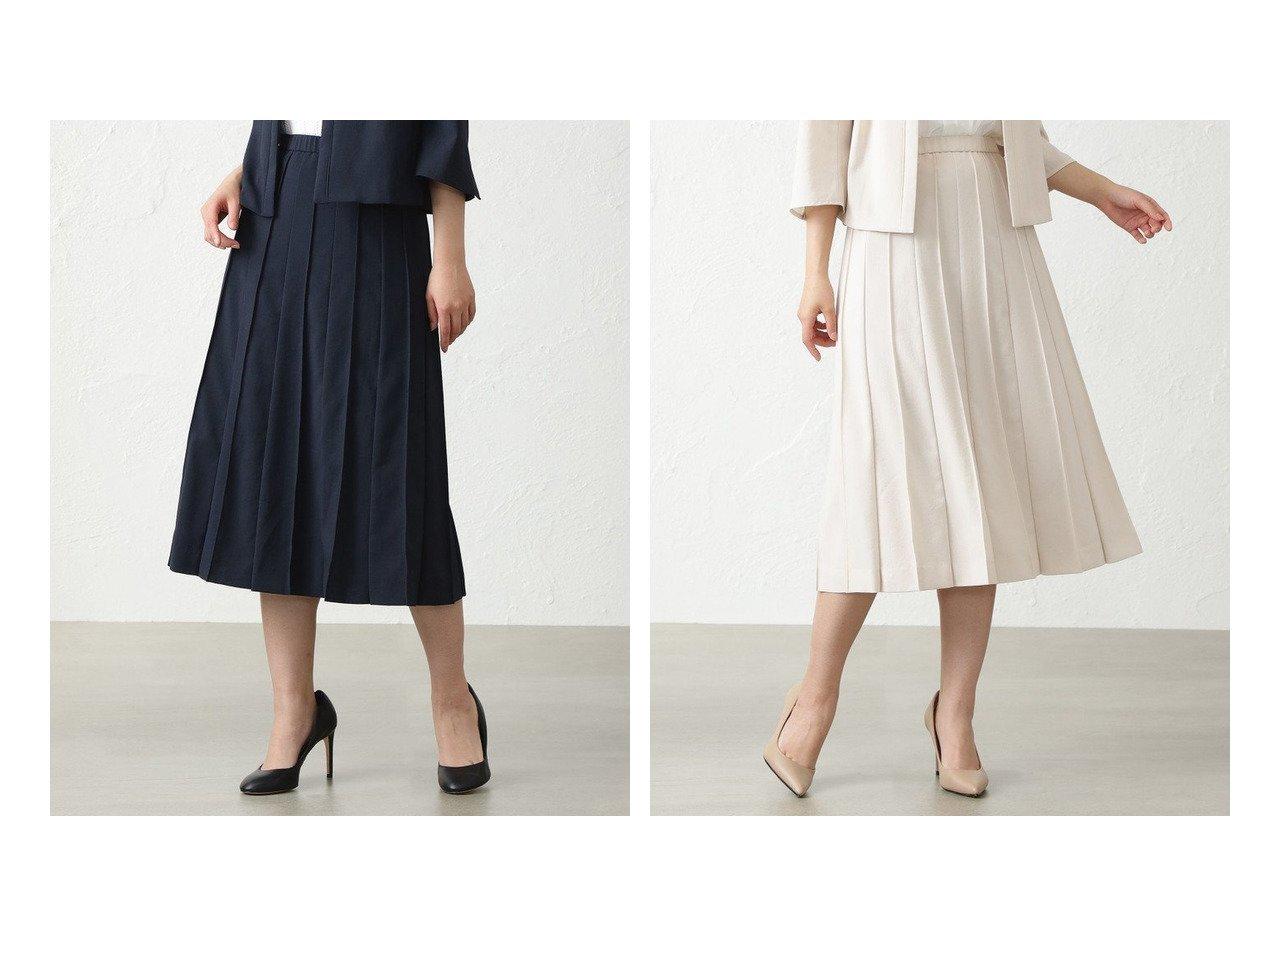 【AMACA/アマカ】のドライマスターフレアースカート 【スカート】おすすめ!人気トレンド・レディースファッション通販 おすすめで人気の流行・トレンド、ファッションの通販商品 インテリア・家具・メンズファッション・キッズファッション・レディースファッション・服の通販 founy(ファニー) https://founy.com/ ファッション Fashion レディースファッション WOMEN スカート Skirt Aライン/フレアスカート Flared A-Line Skirts フレア プリーツ  ID:crp329100000052934